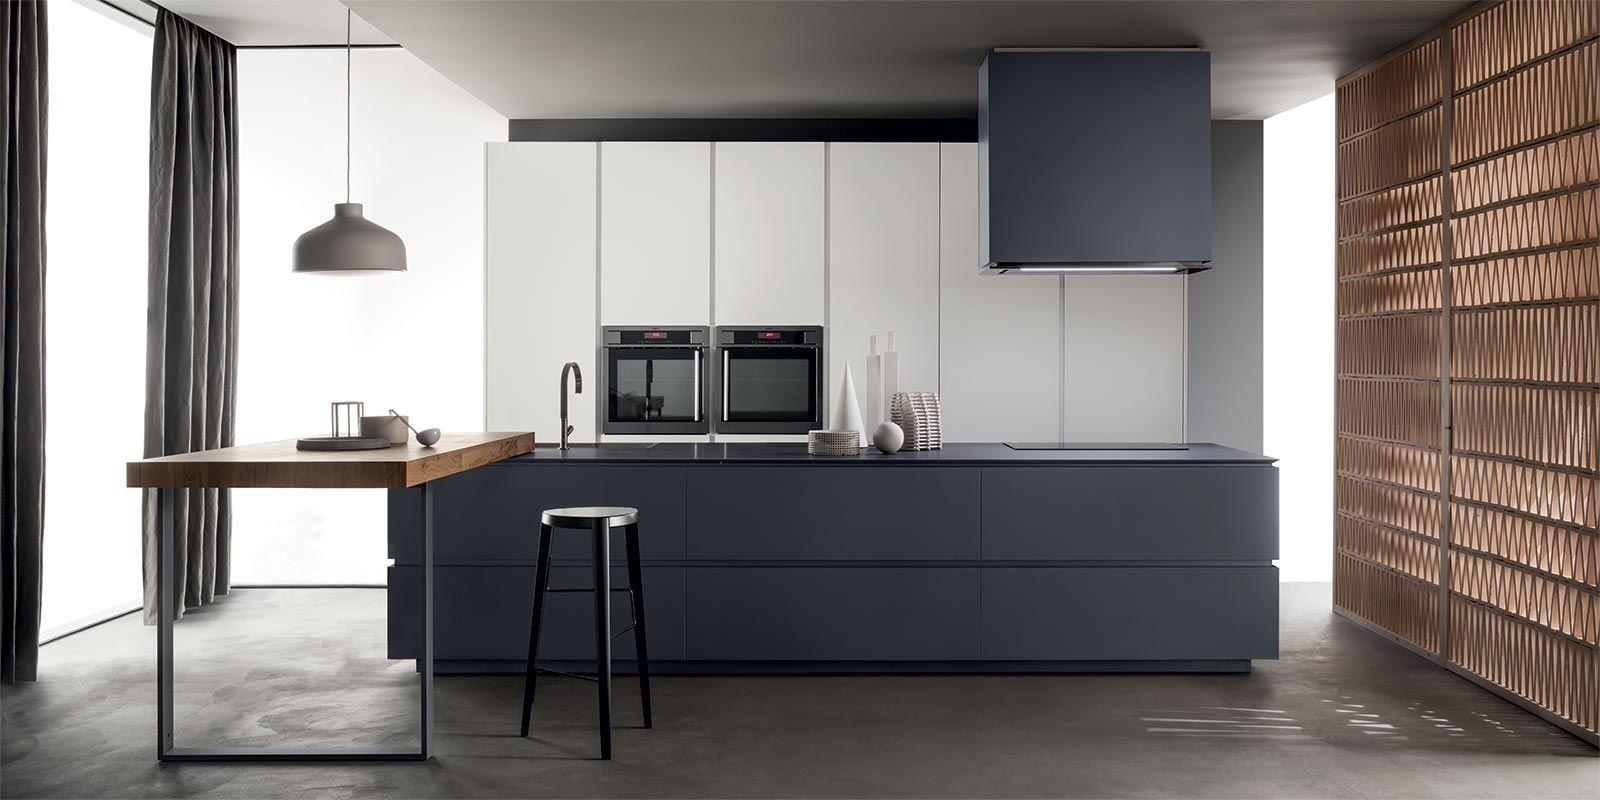 Cucine obliqua cucine moderne di design ernestomeda - Design cucine moderne ...